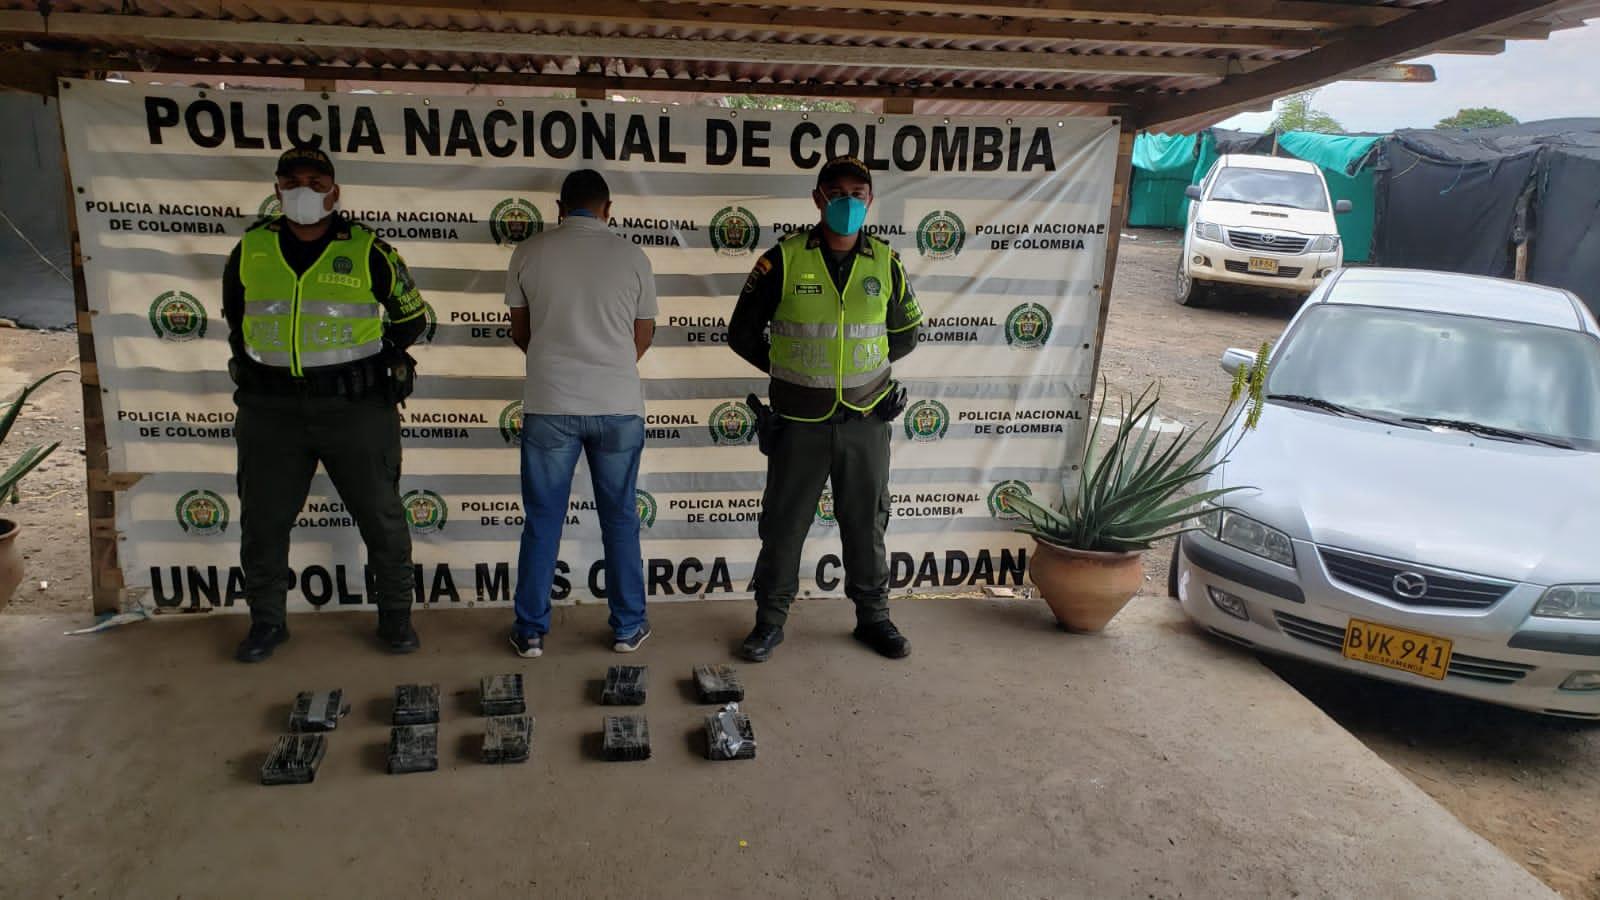 hoyennoticia.com, 'Caído' cerca a Maicao con 11 kilos de cocaína